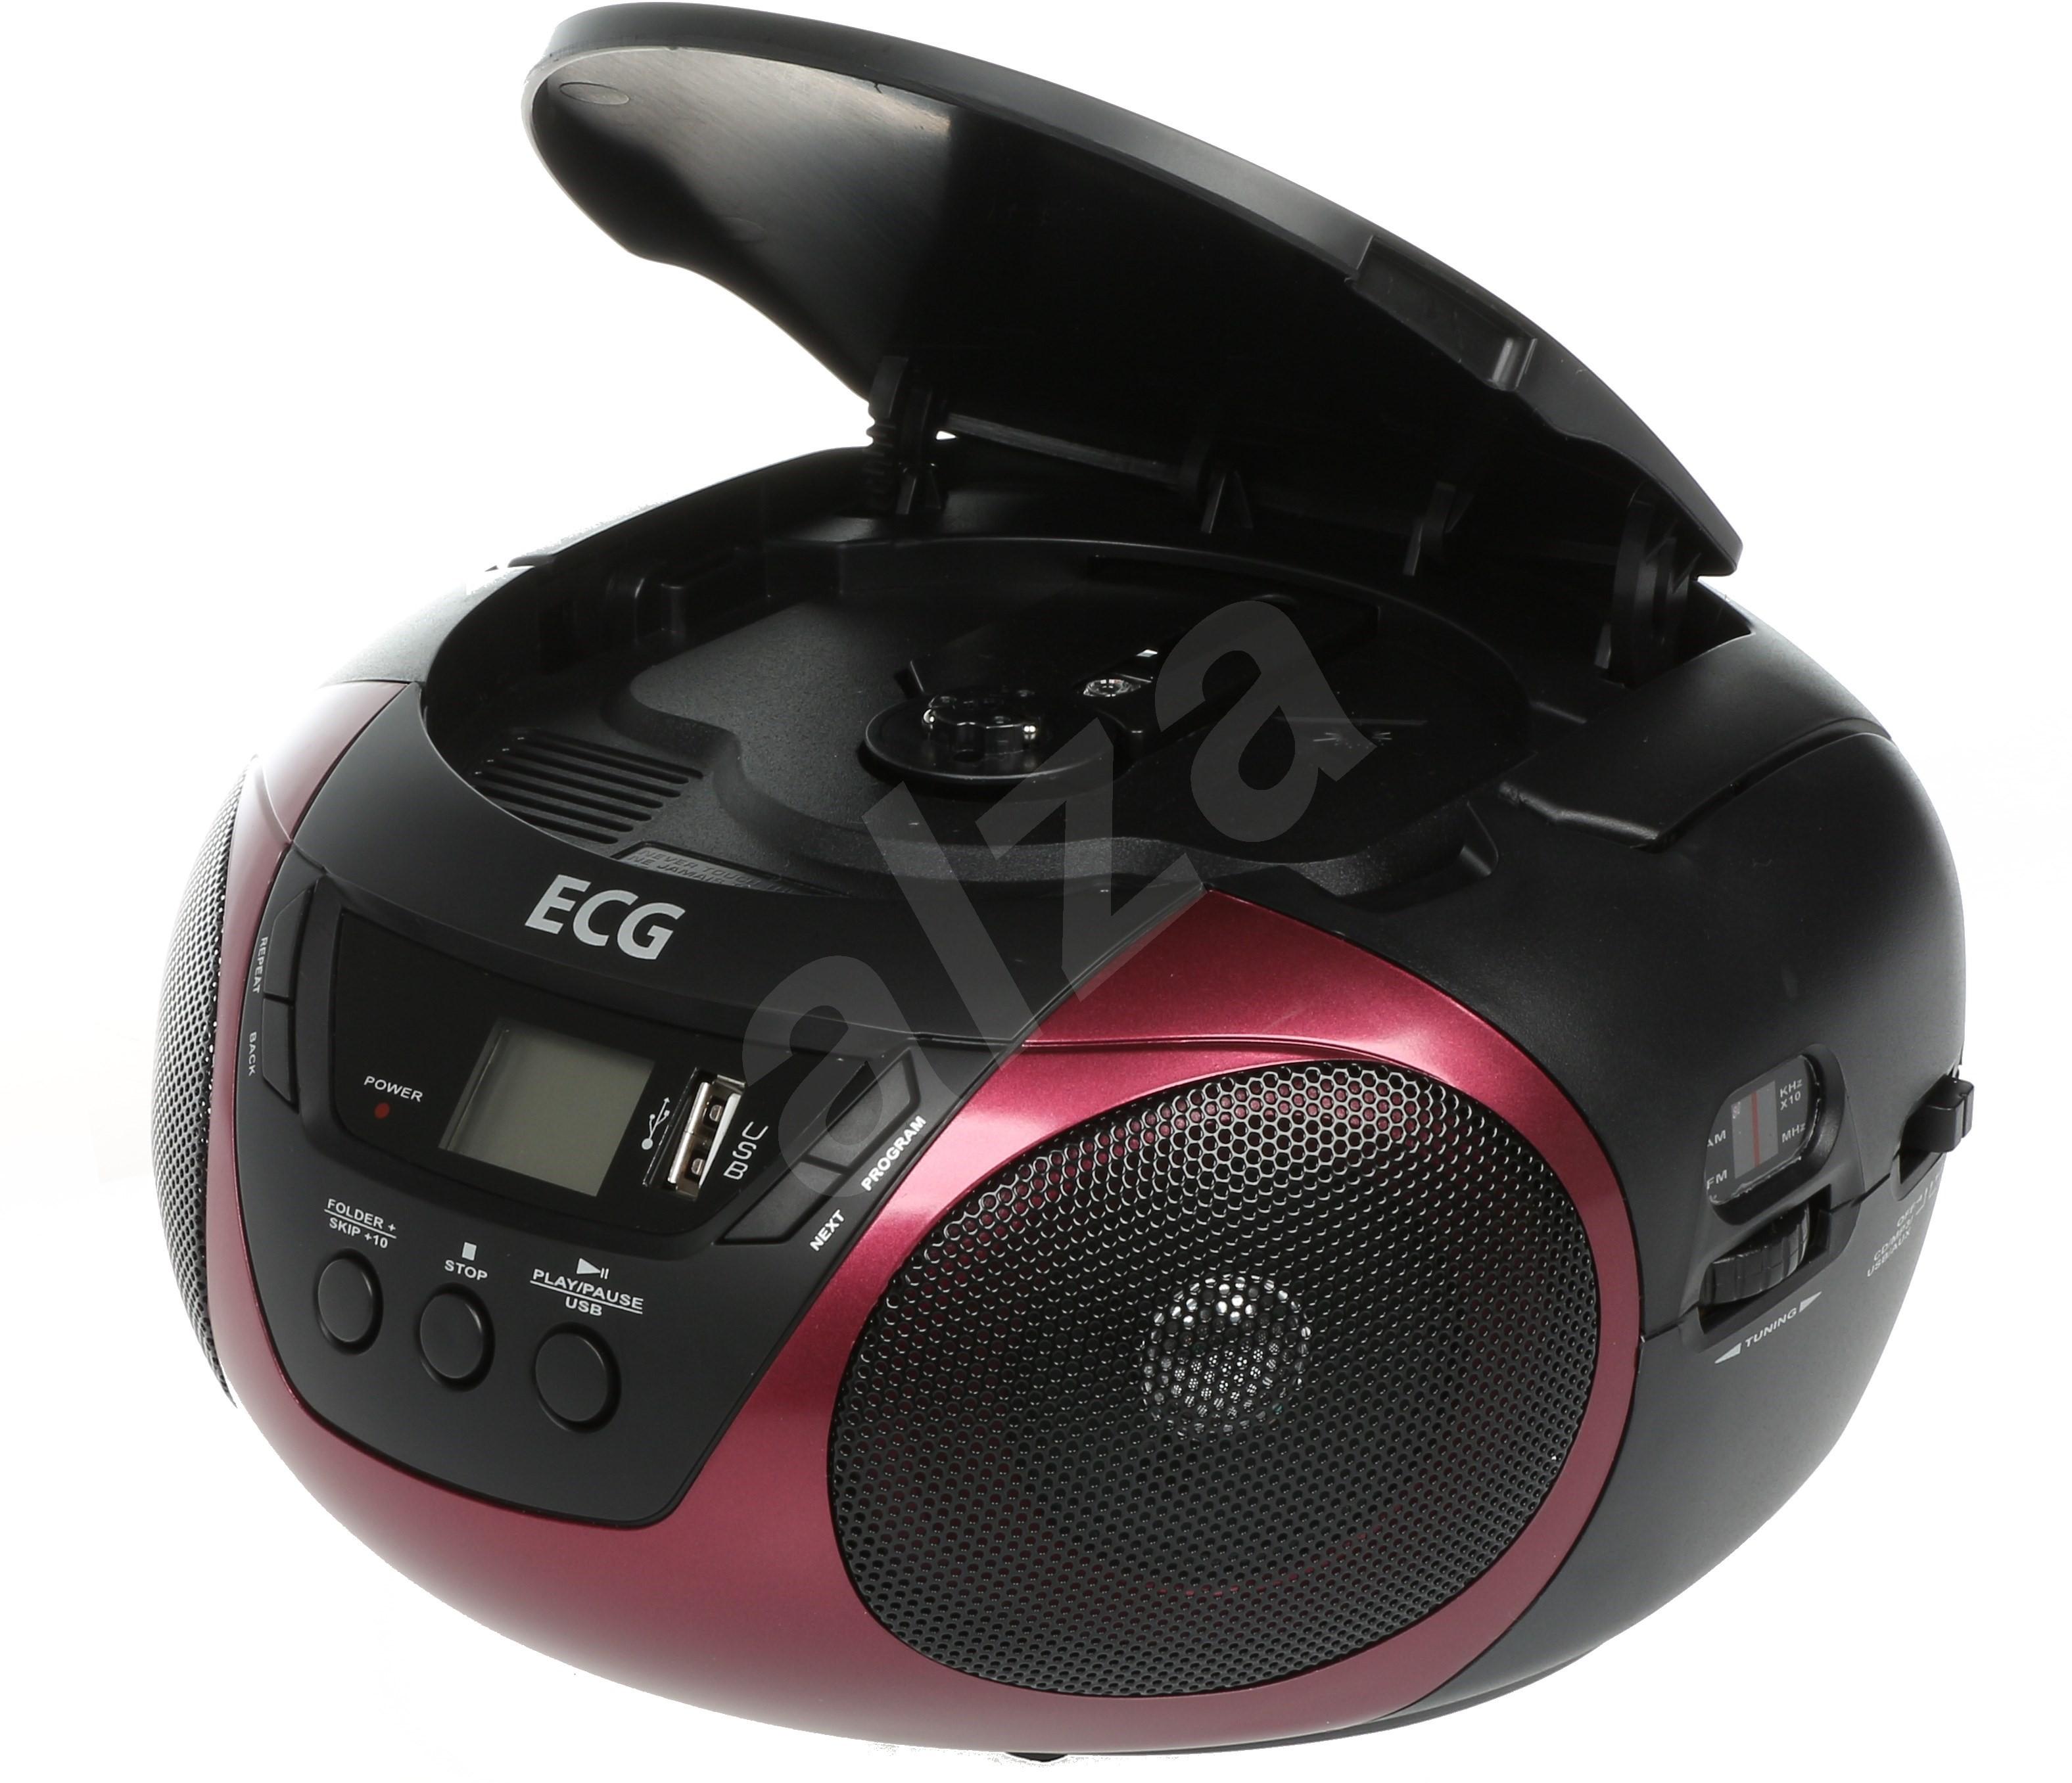 mini cd-r / rw est installé dans un câble numérique